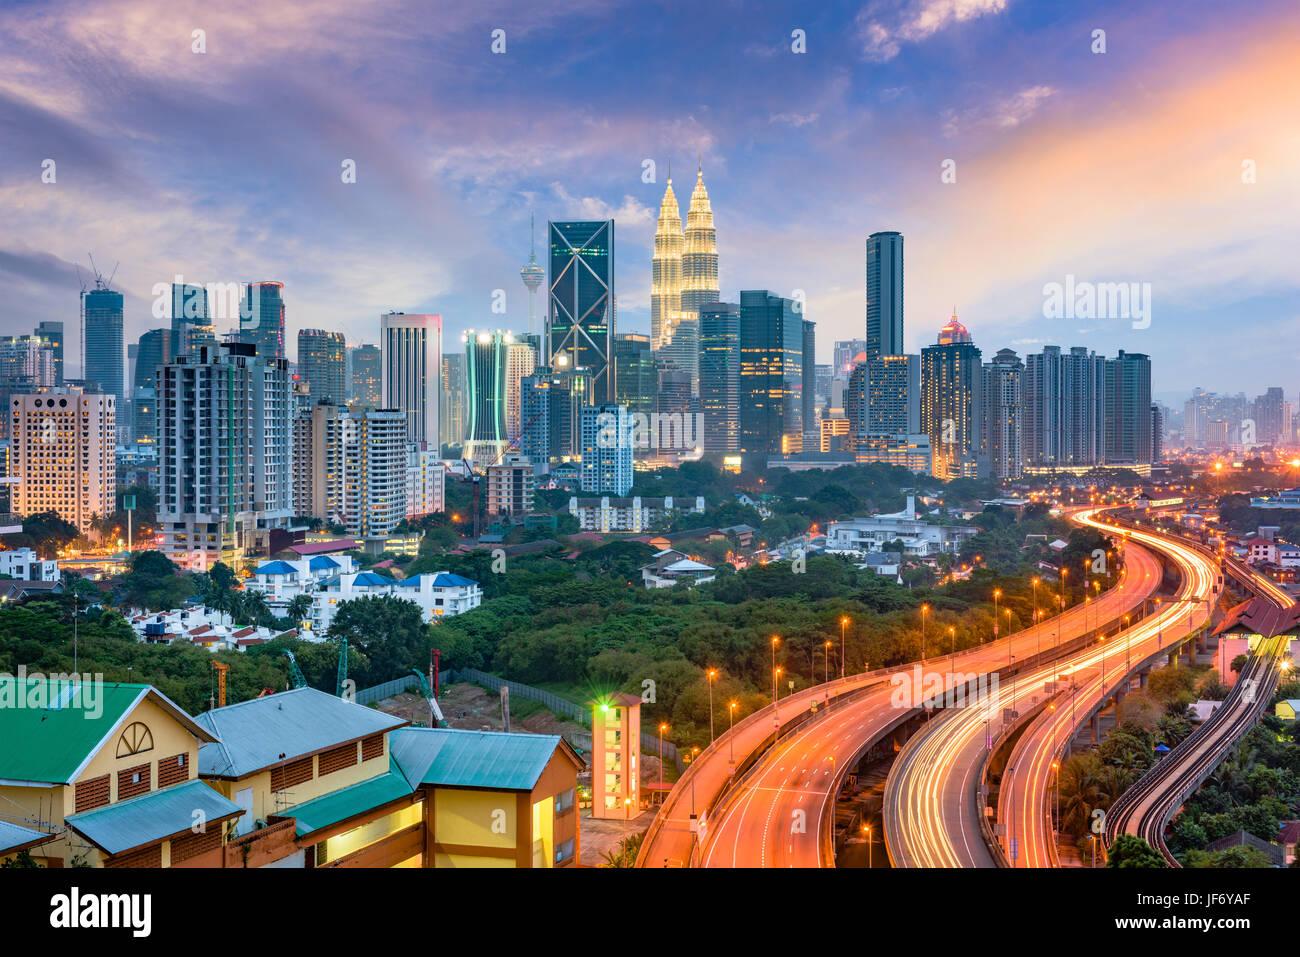 Kuala Lumpur, Malesia autostrade e lo skyline. Immagini Stock